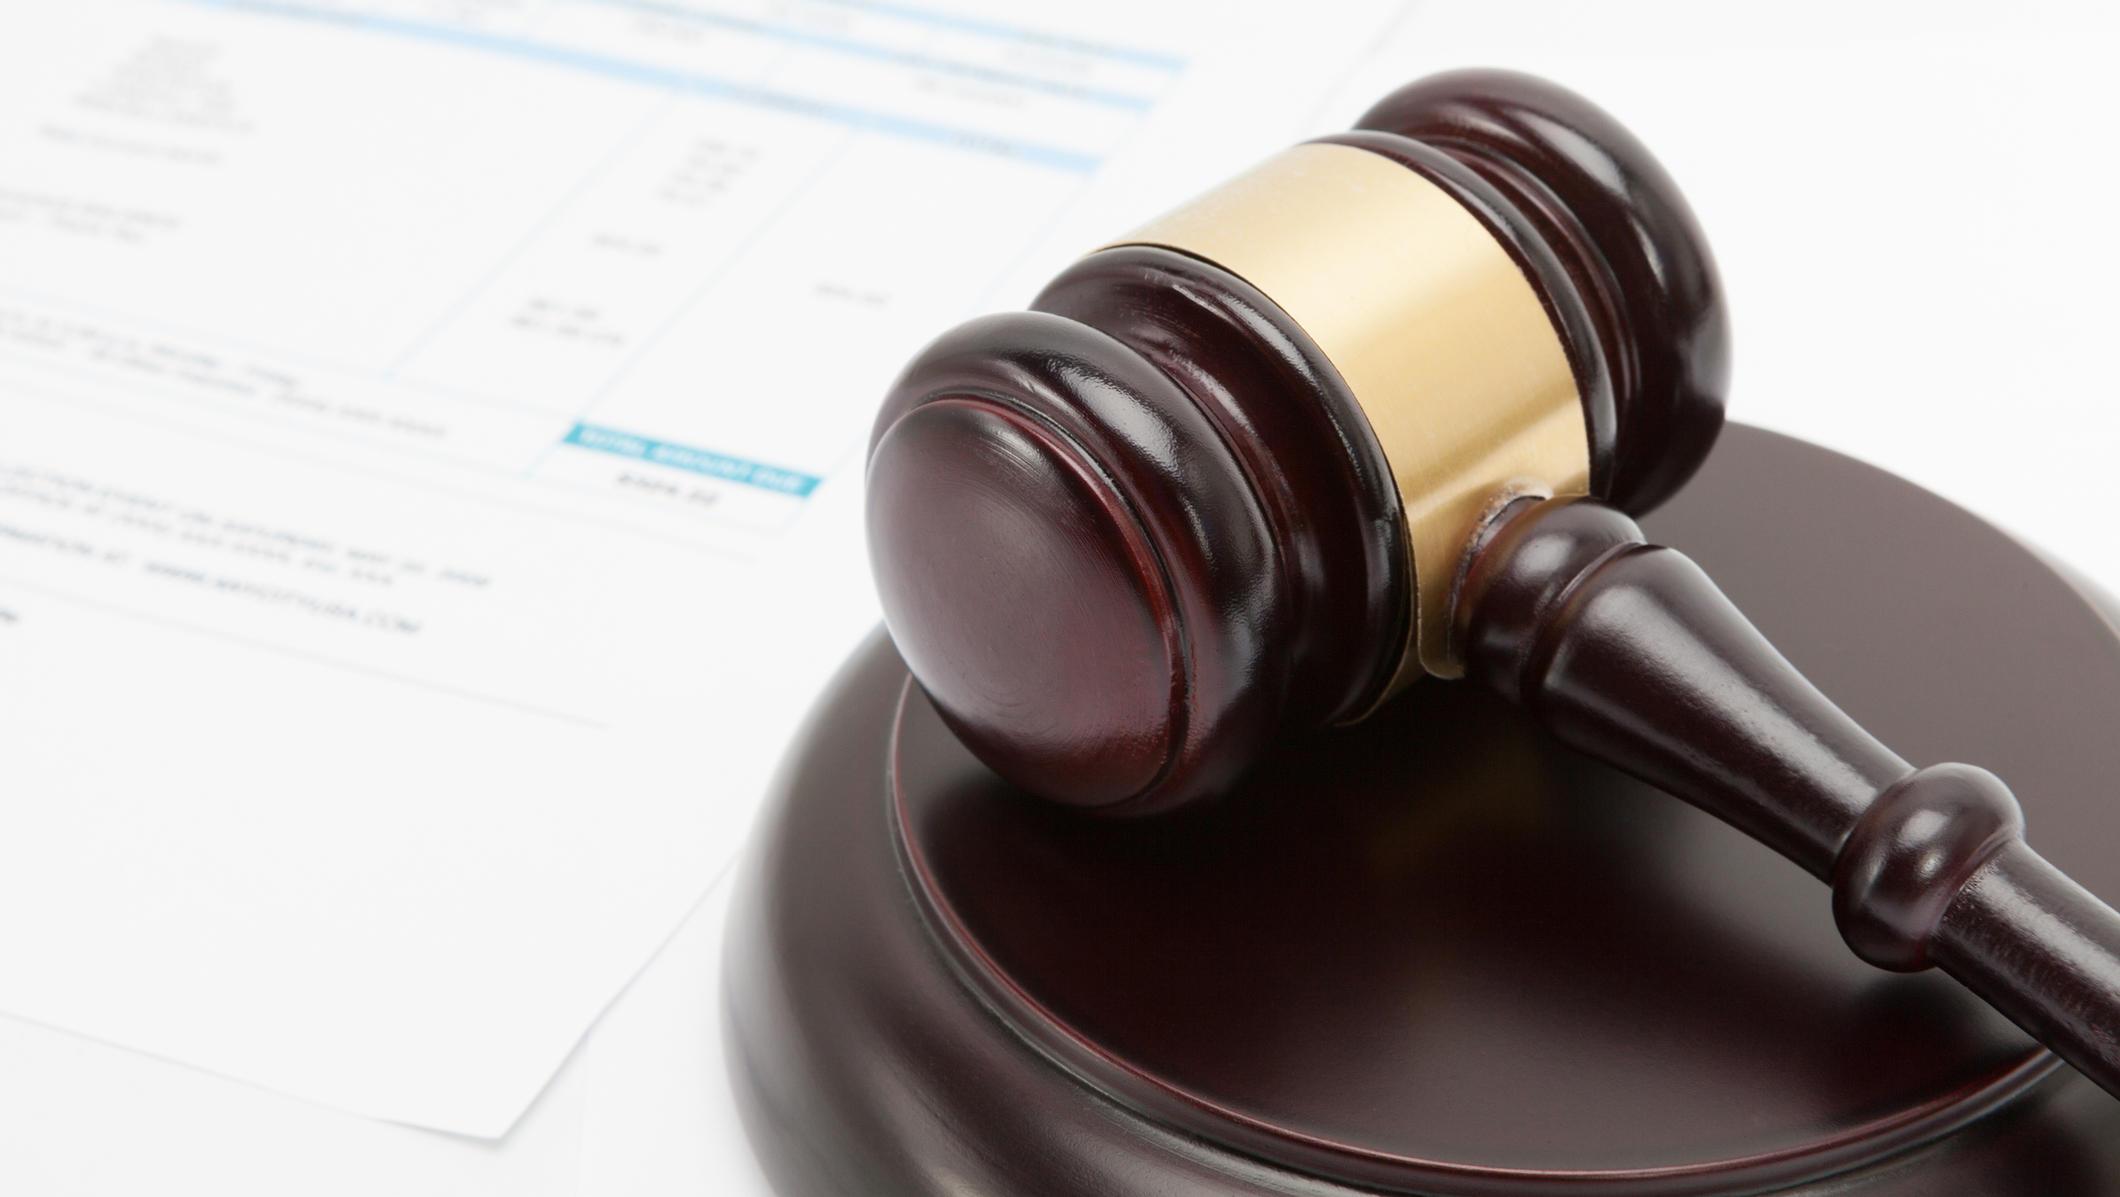 Kako sodno uveljaviti hipoteko in priti do denarja?